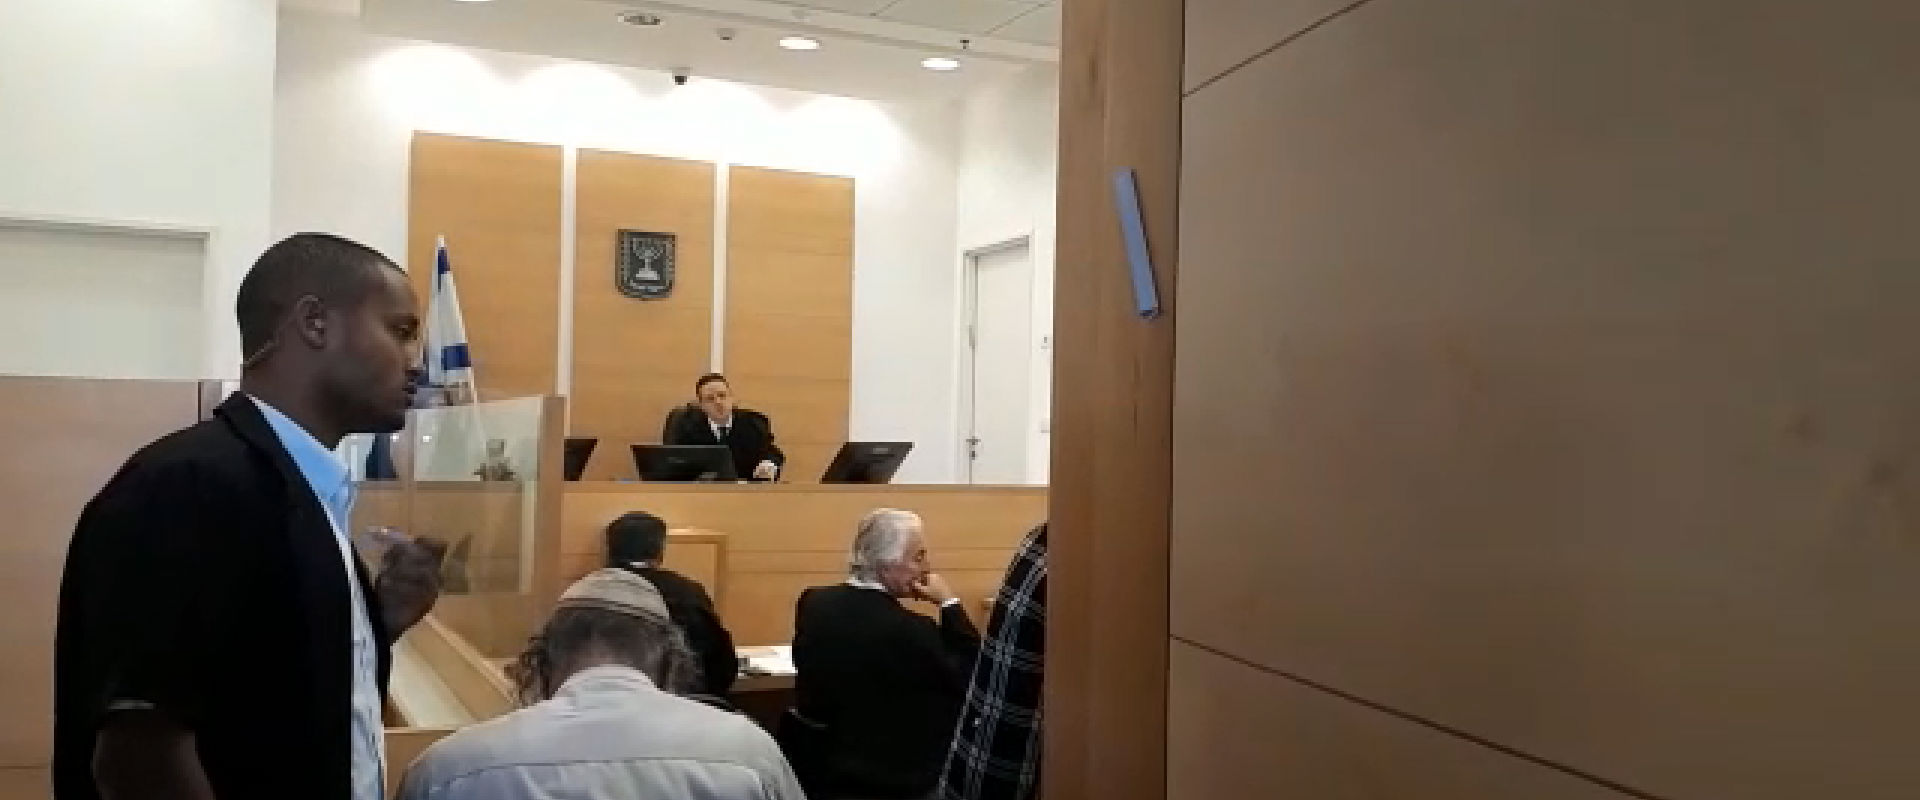 הדיון בבית המשפט בלוד